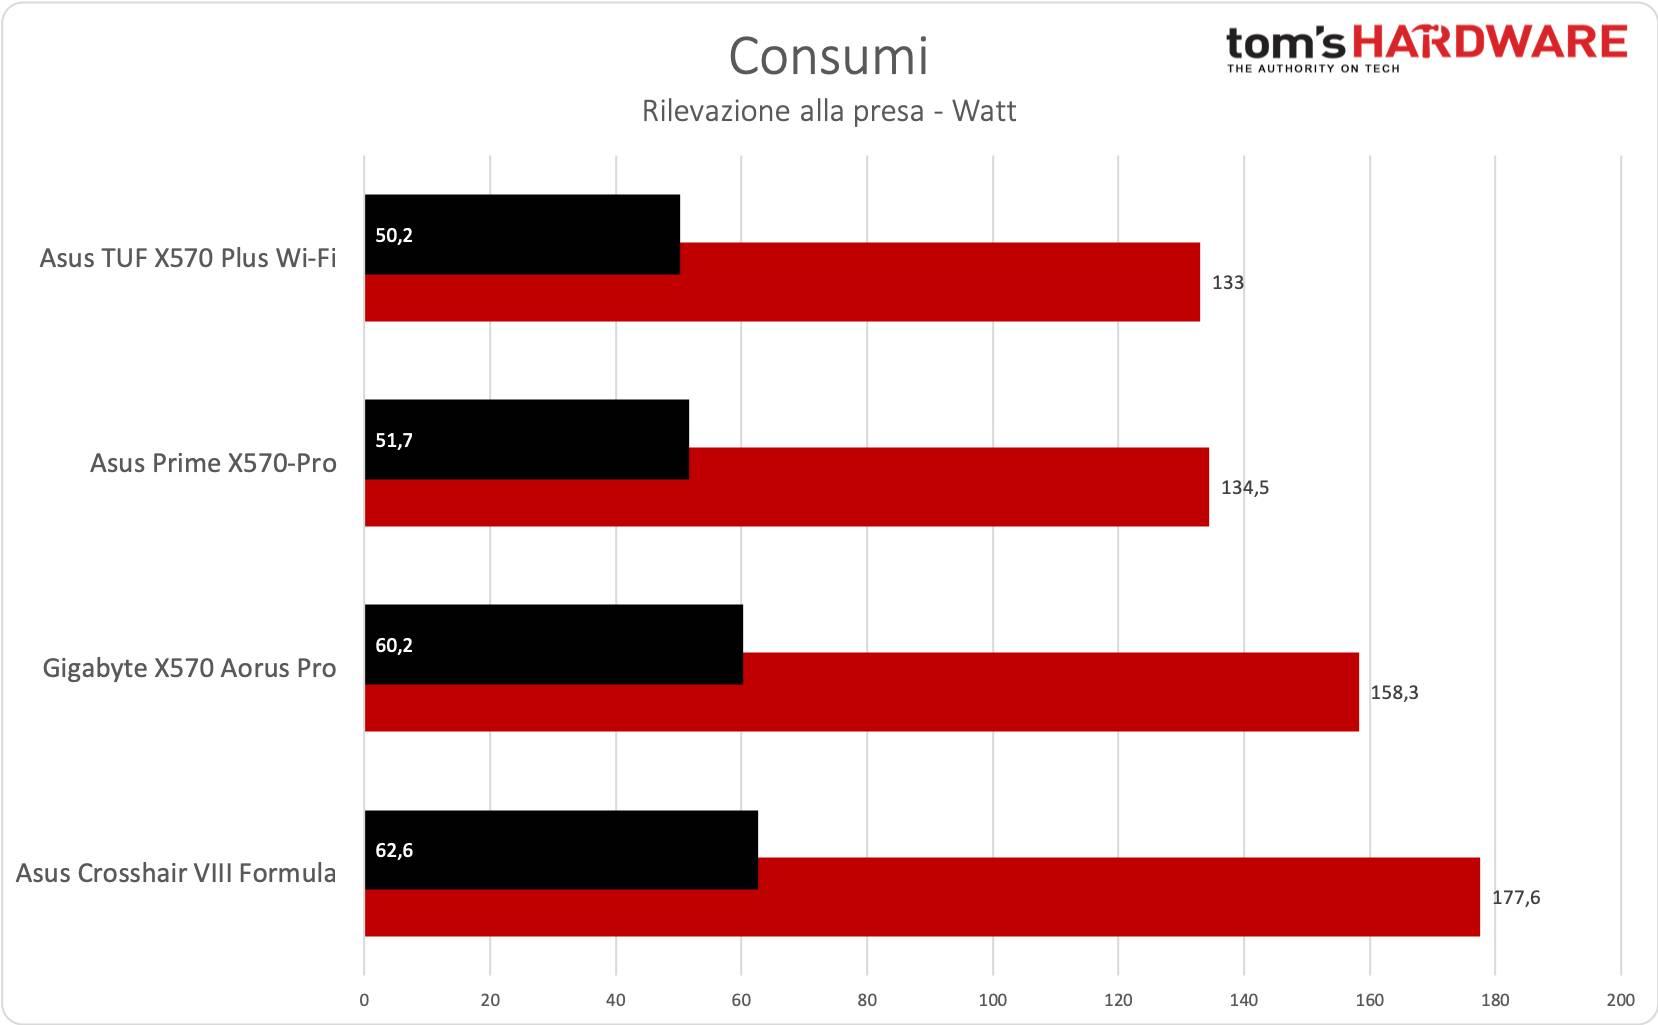 Crosshair VIII Formula - Consumi